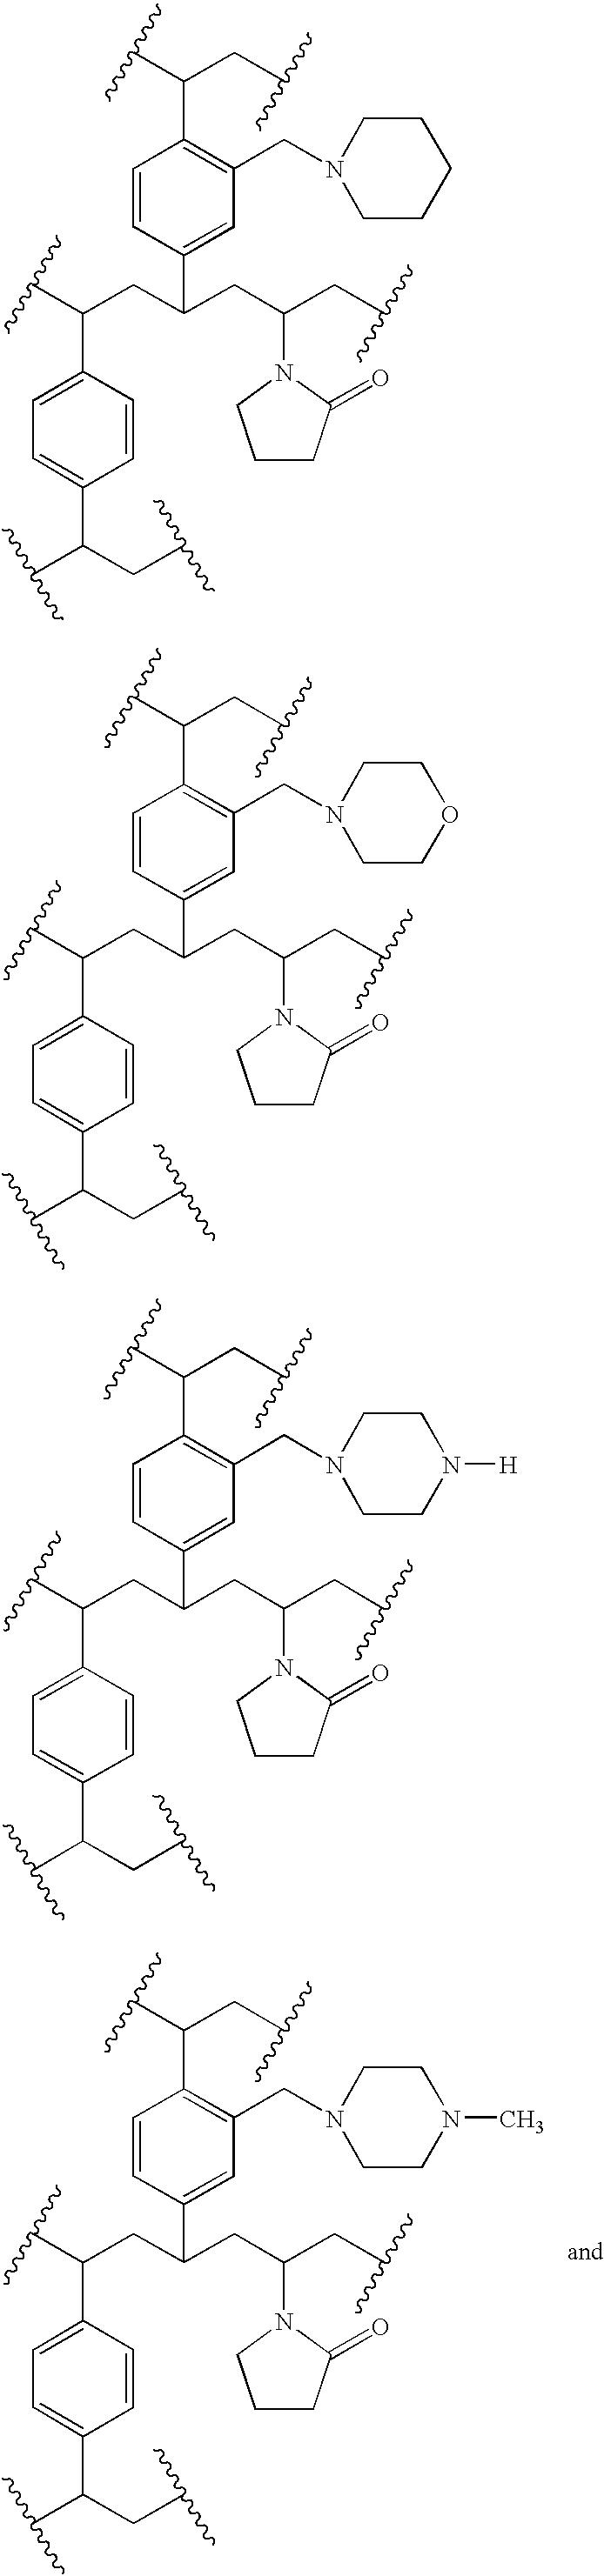 Figure US07731844-20100608-C00008